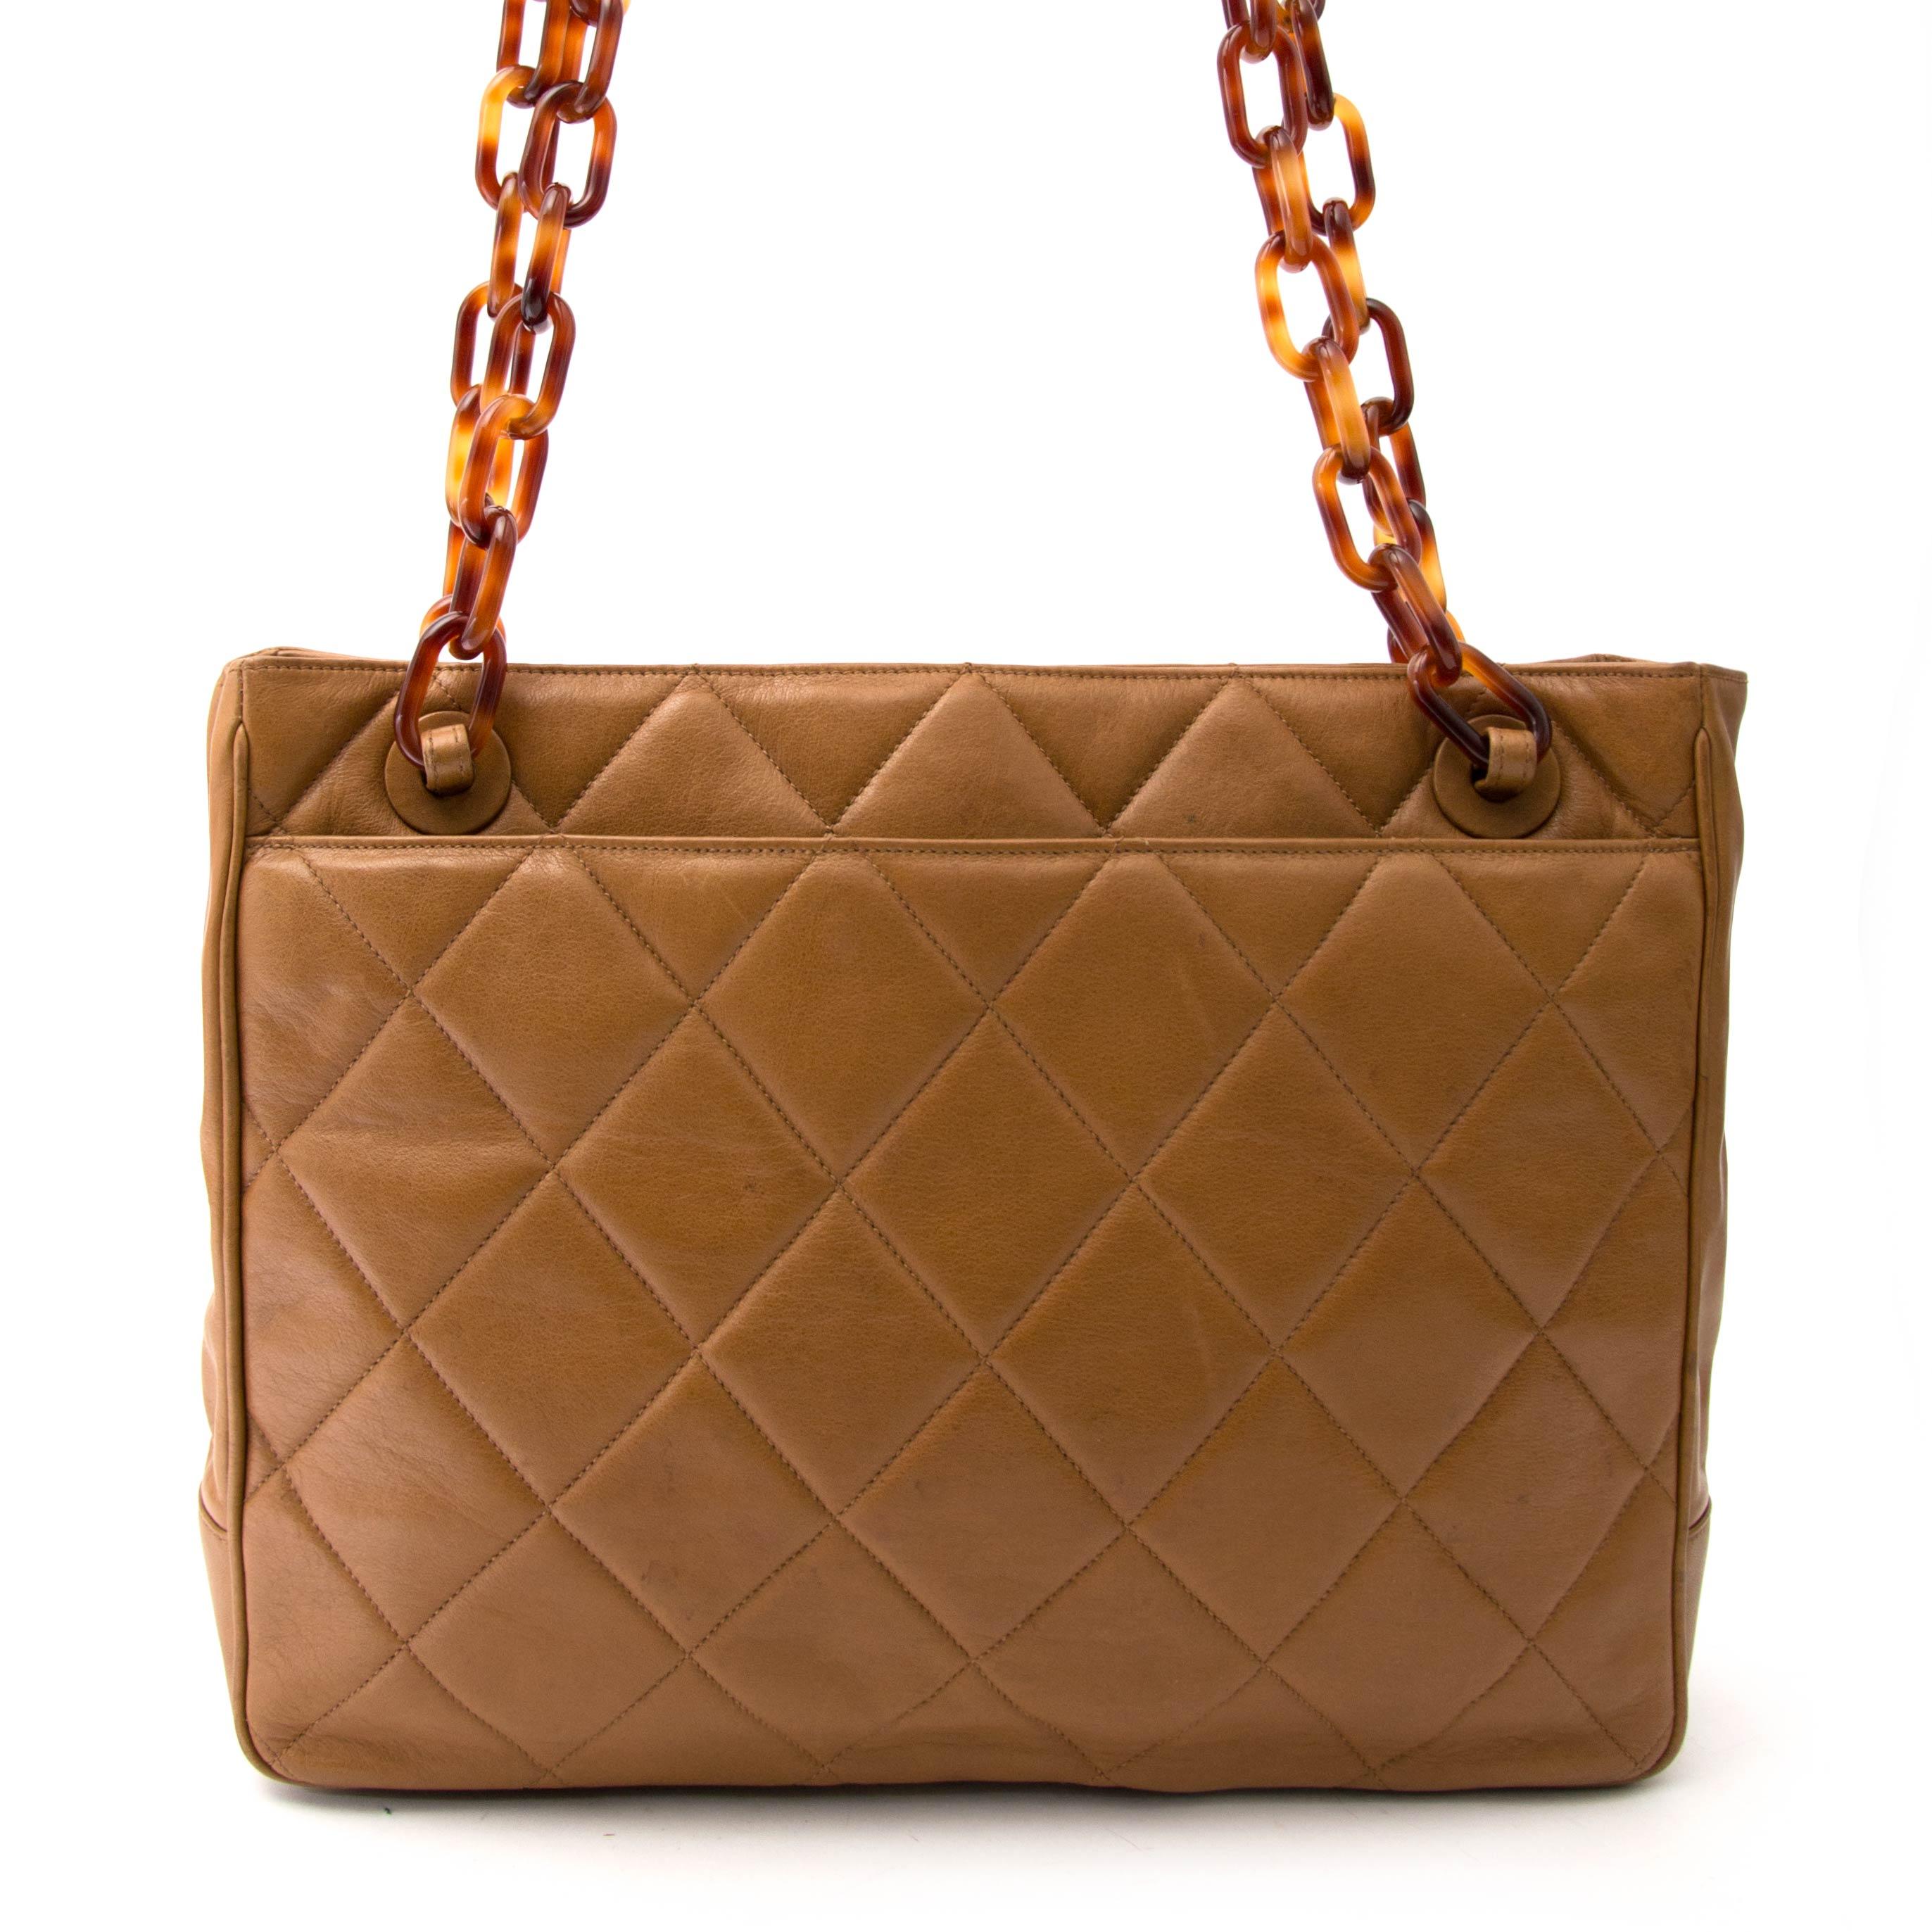 2eeb28a1494b ... koop veilig online aan de beste prijs jouw tweedehands Chanel Biscuit  Shopping Tote